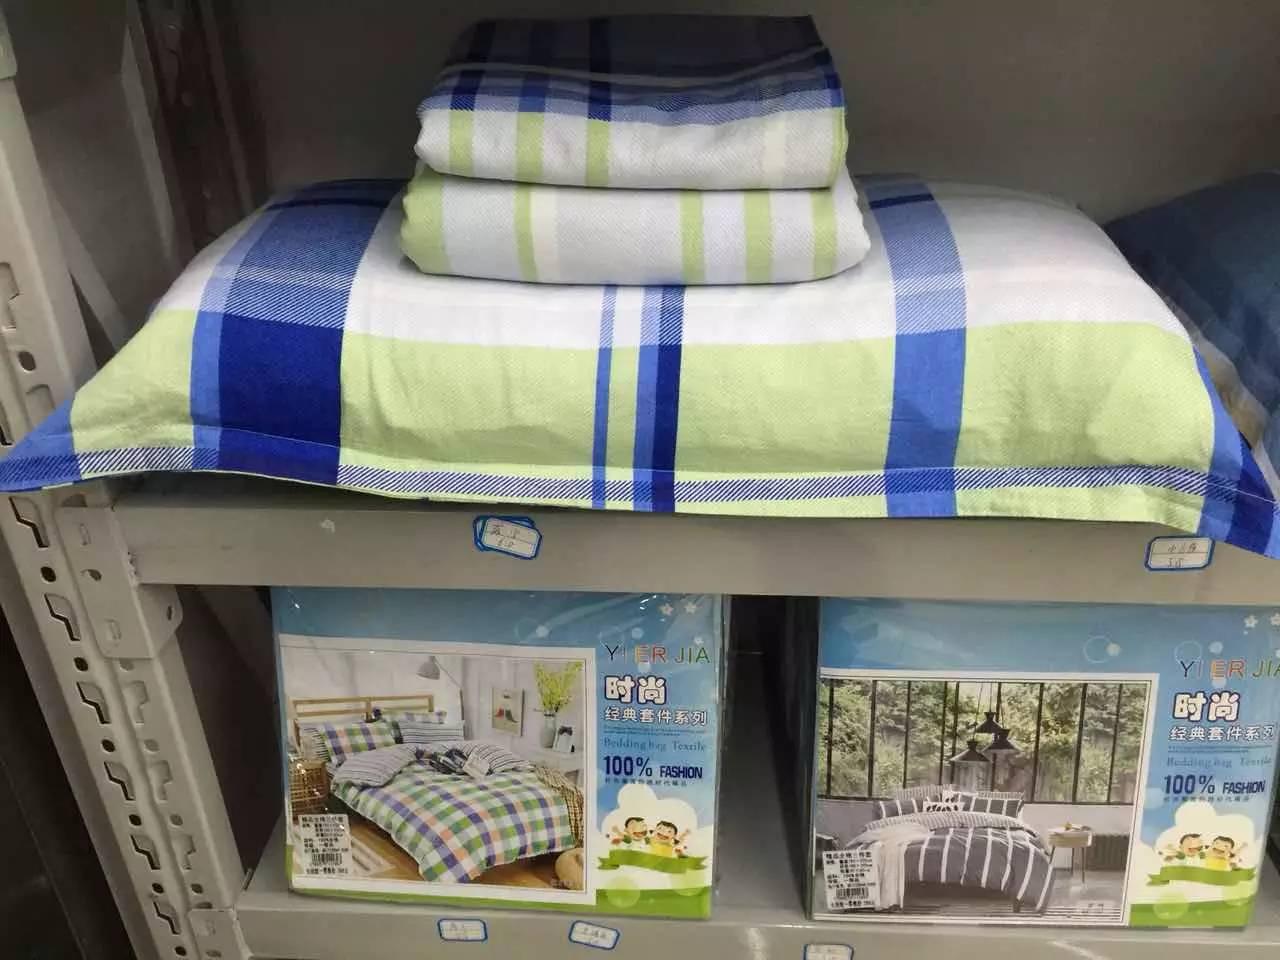 重庆学校专用棉絮 学生三件套 枕芯加工厂只为学生定制各种床品